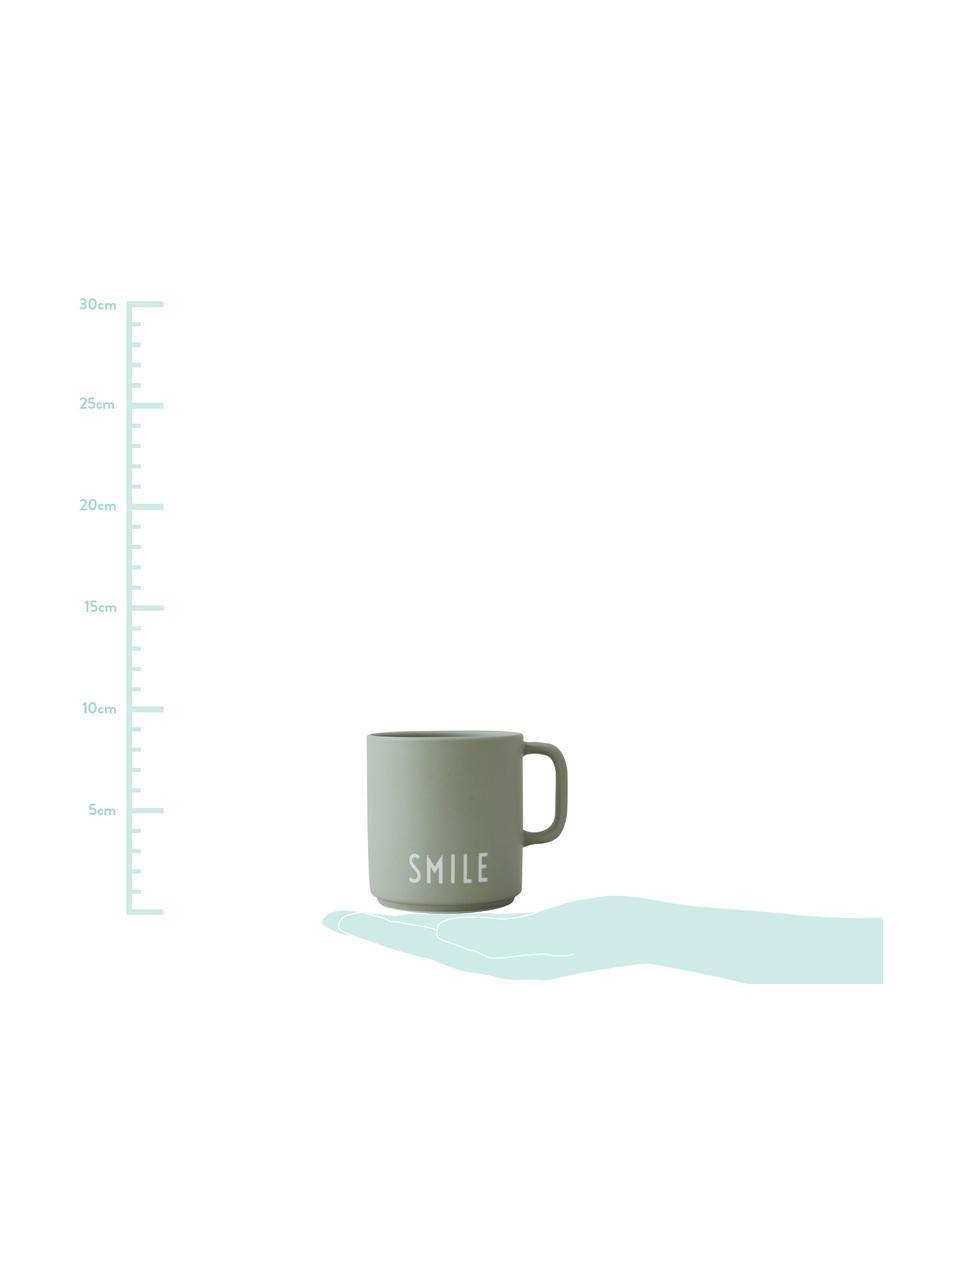 Design Kaffeetasse Favourite SMILE in gedecktem Grün mit Schriftzug, Fine Bone China (Porzellan), Graugrün, Weiß, Ø 10 x H 9 cm